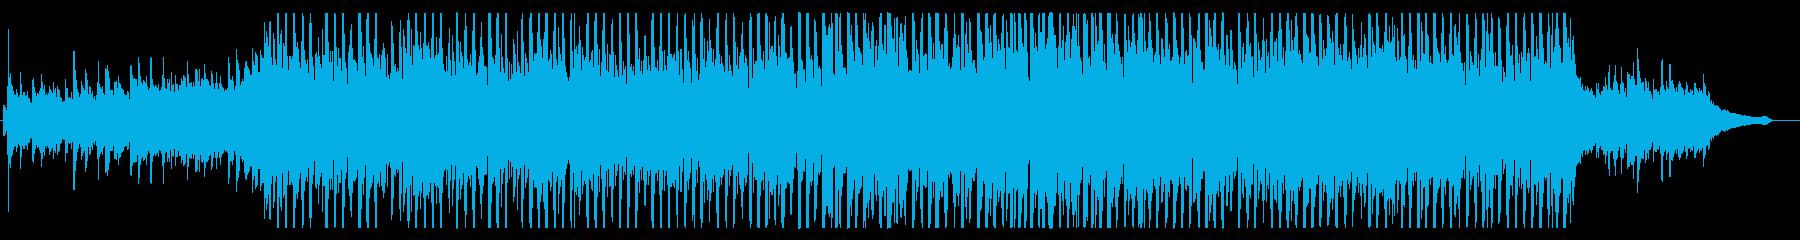 【生演奏】天気予報・朝番組OP・爽やかCの再生済みの波形